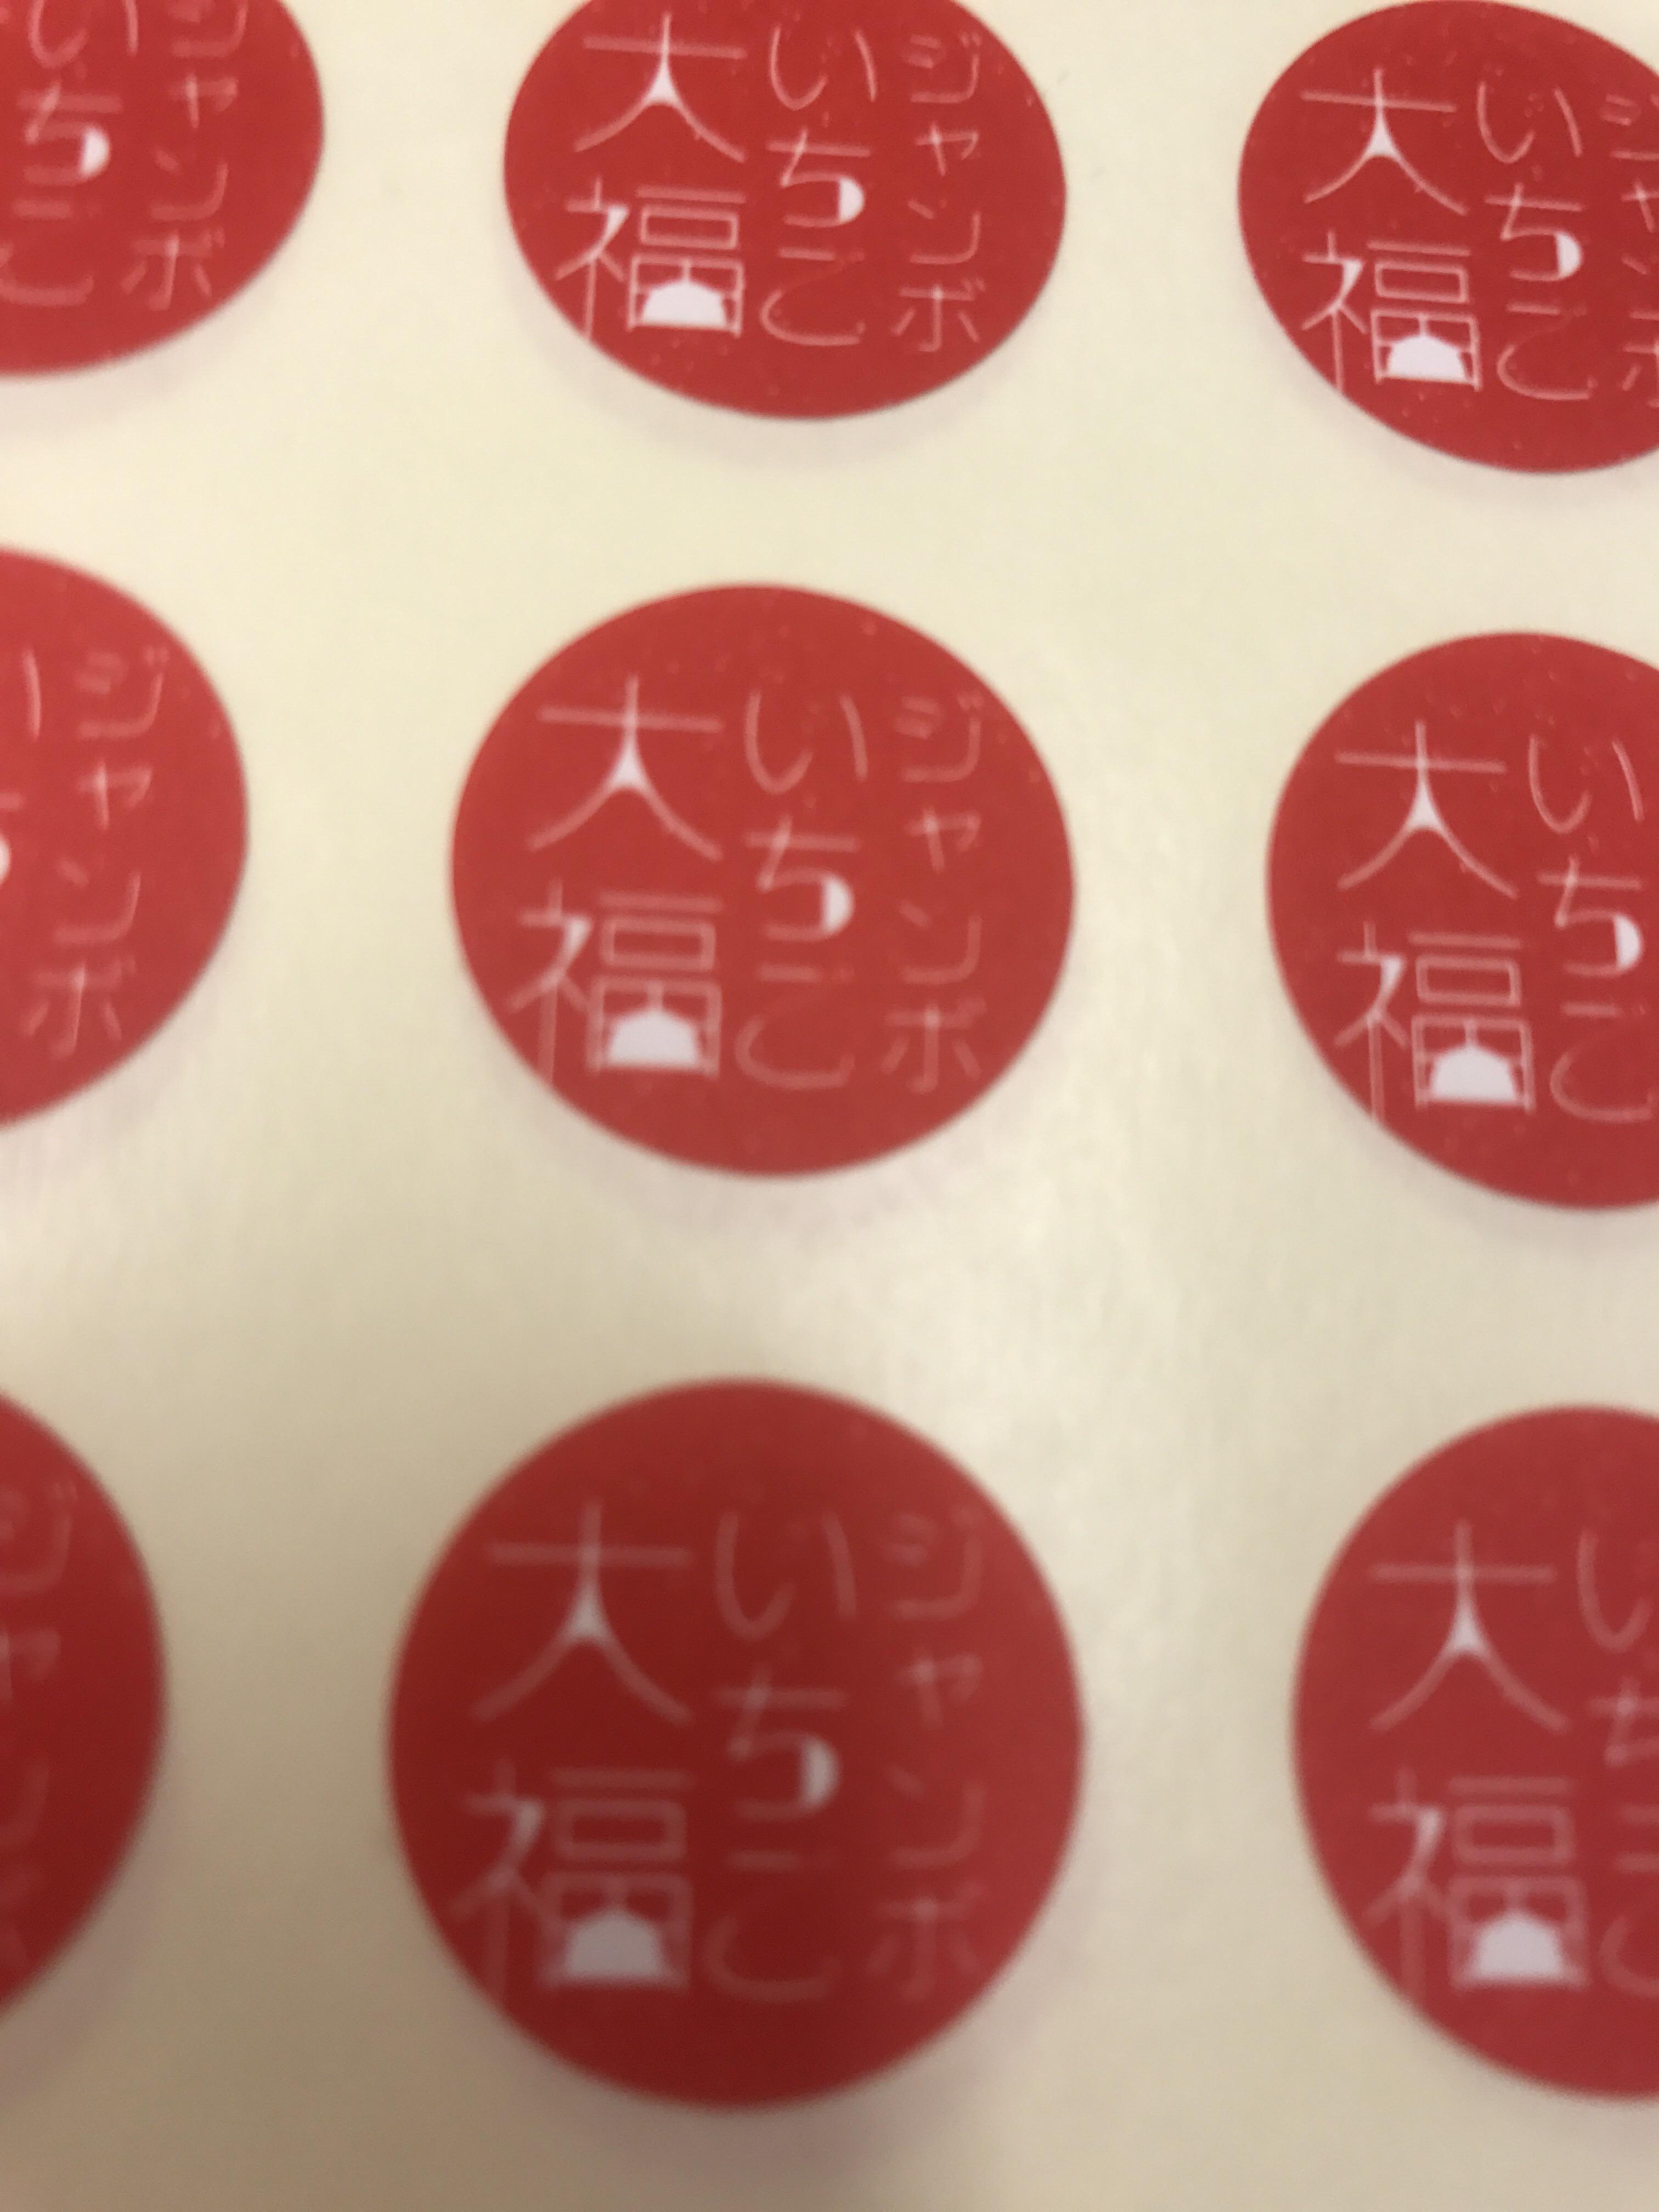 川崎の新岩城菓子舗の、ジャンボいちご大福